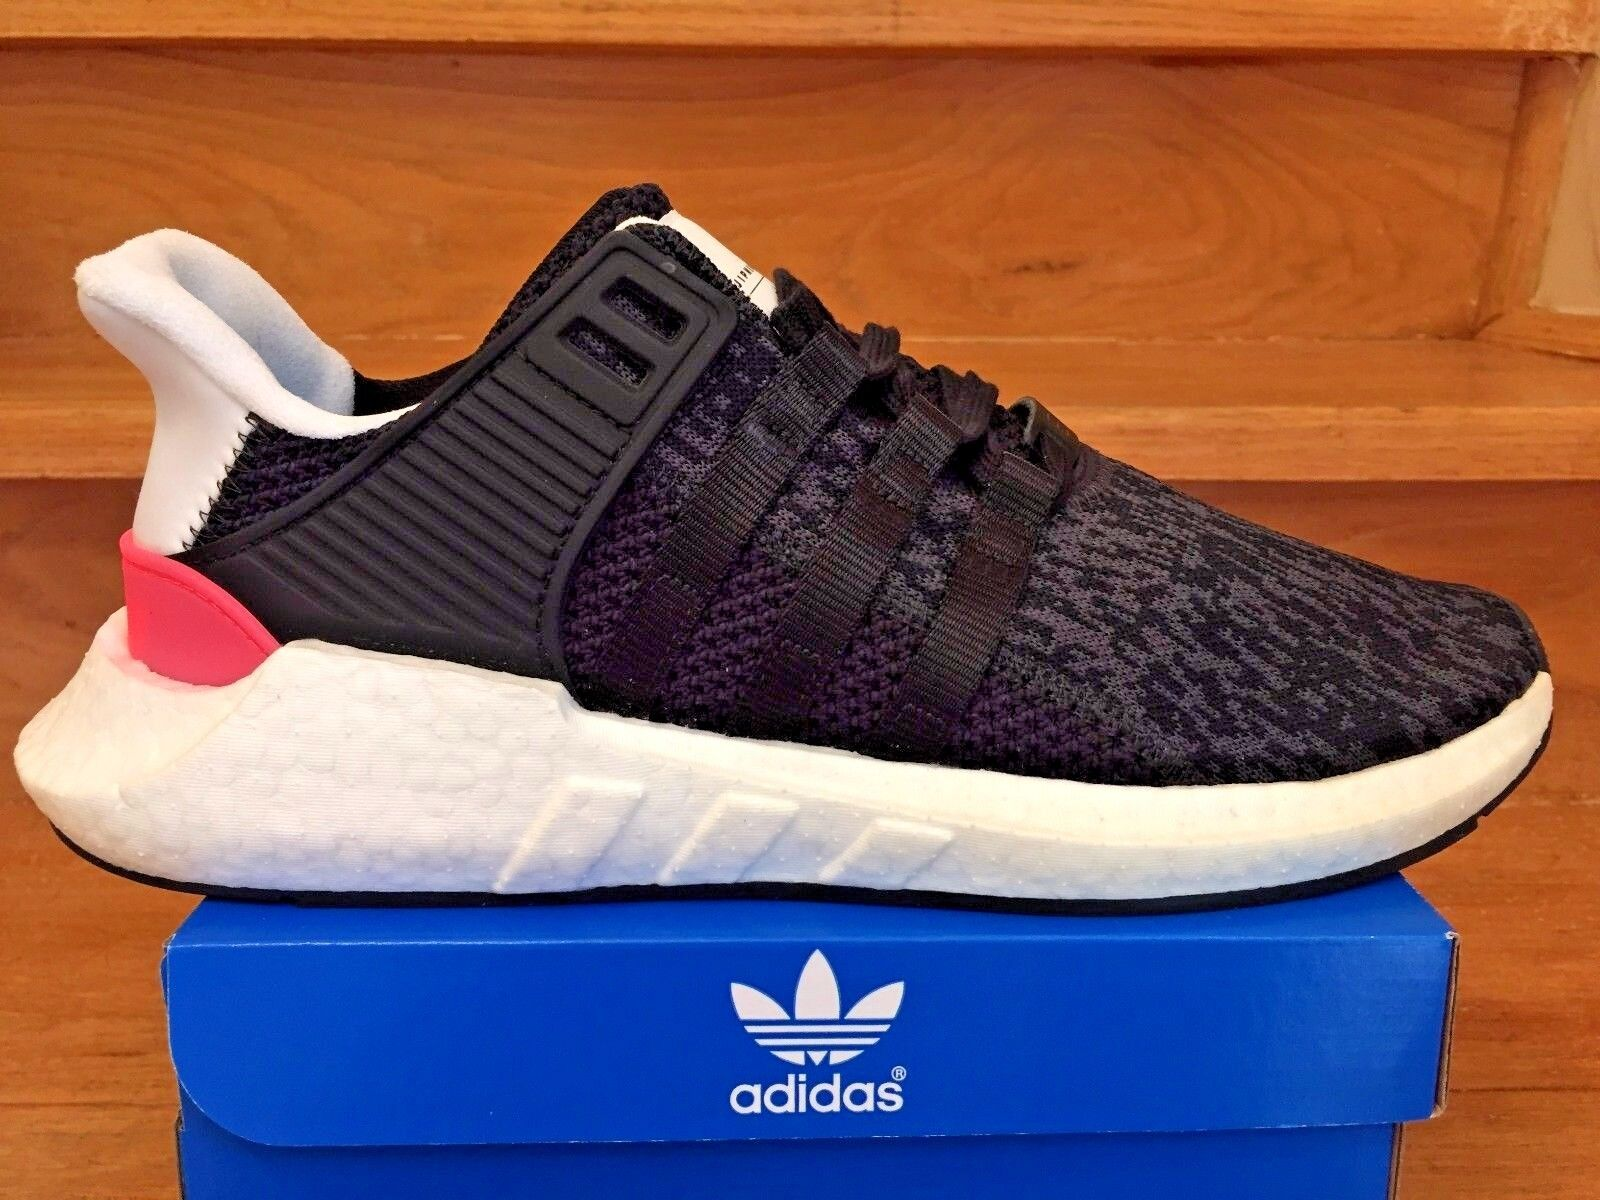 OG Adidas EQT Support 93/17 Boost